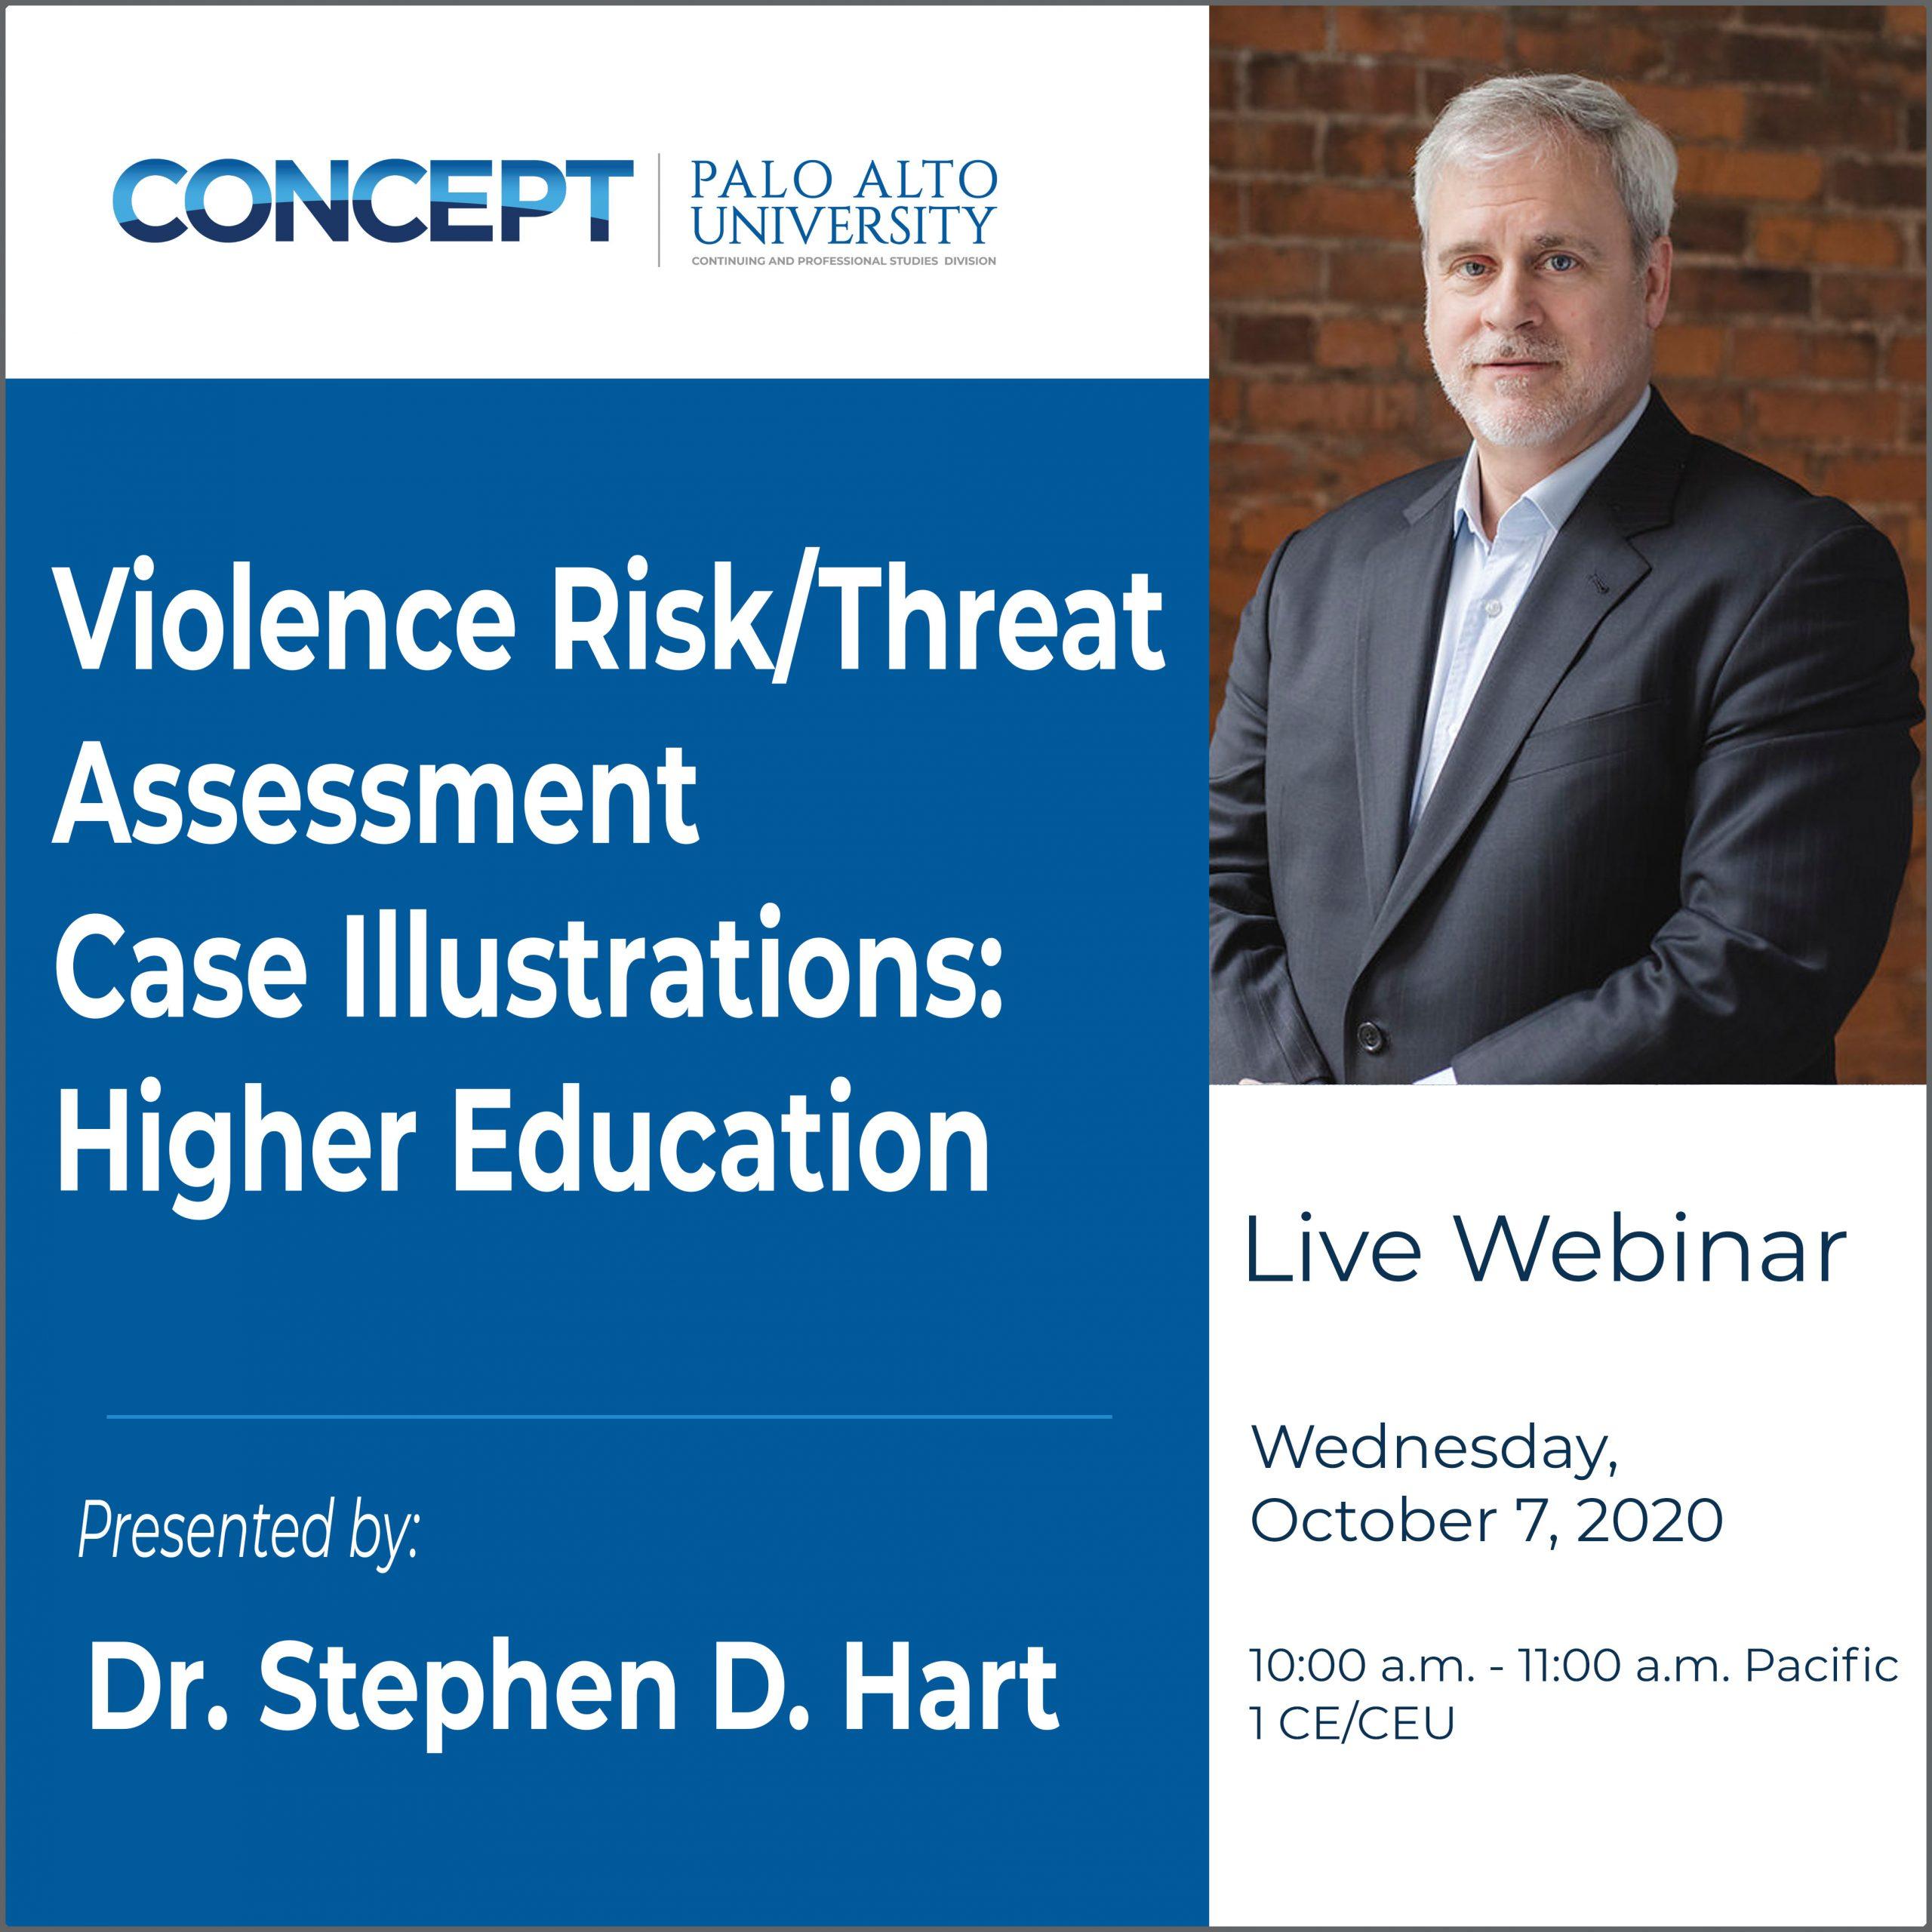 CONCEPT Violence Risk Assessment Dr Stephen Hart Oct 7 2020